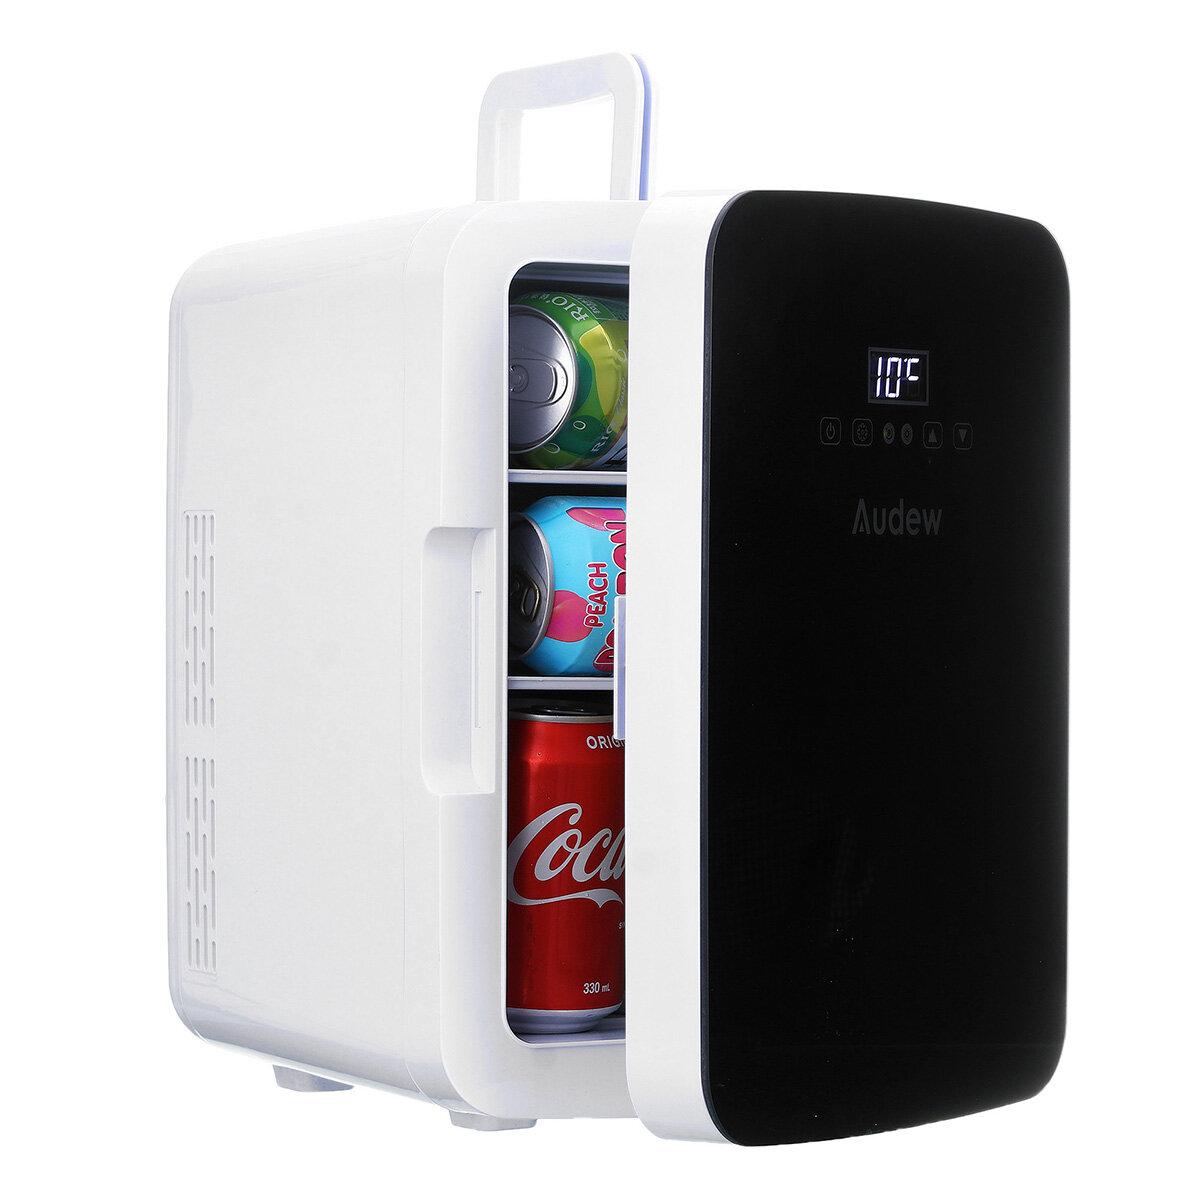 Audew Mini koelkast 10l met touchscreen (voor thuis en auto)